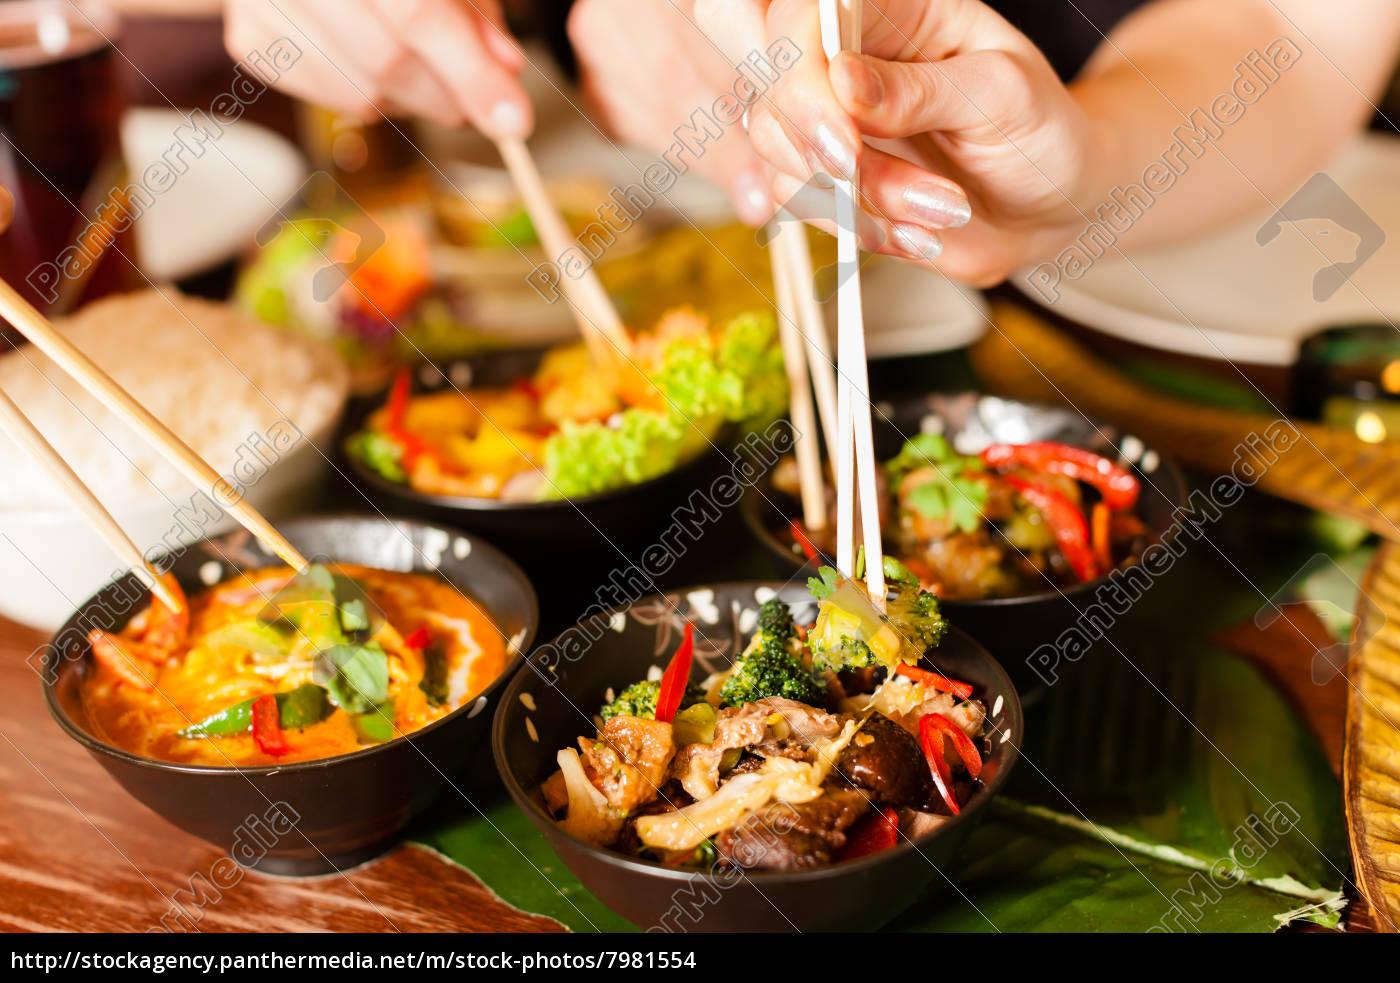 giovani, che, mangiano, in, un, ristorante - 7981554